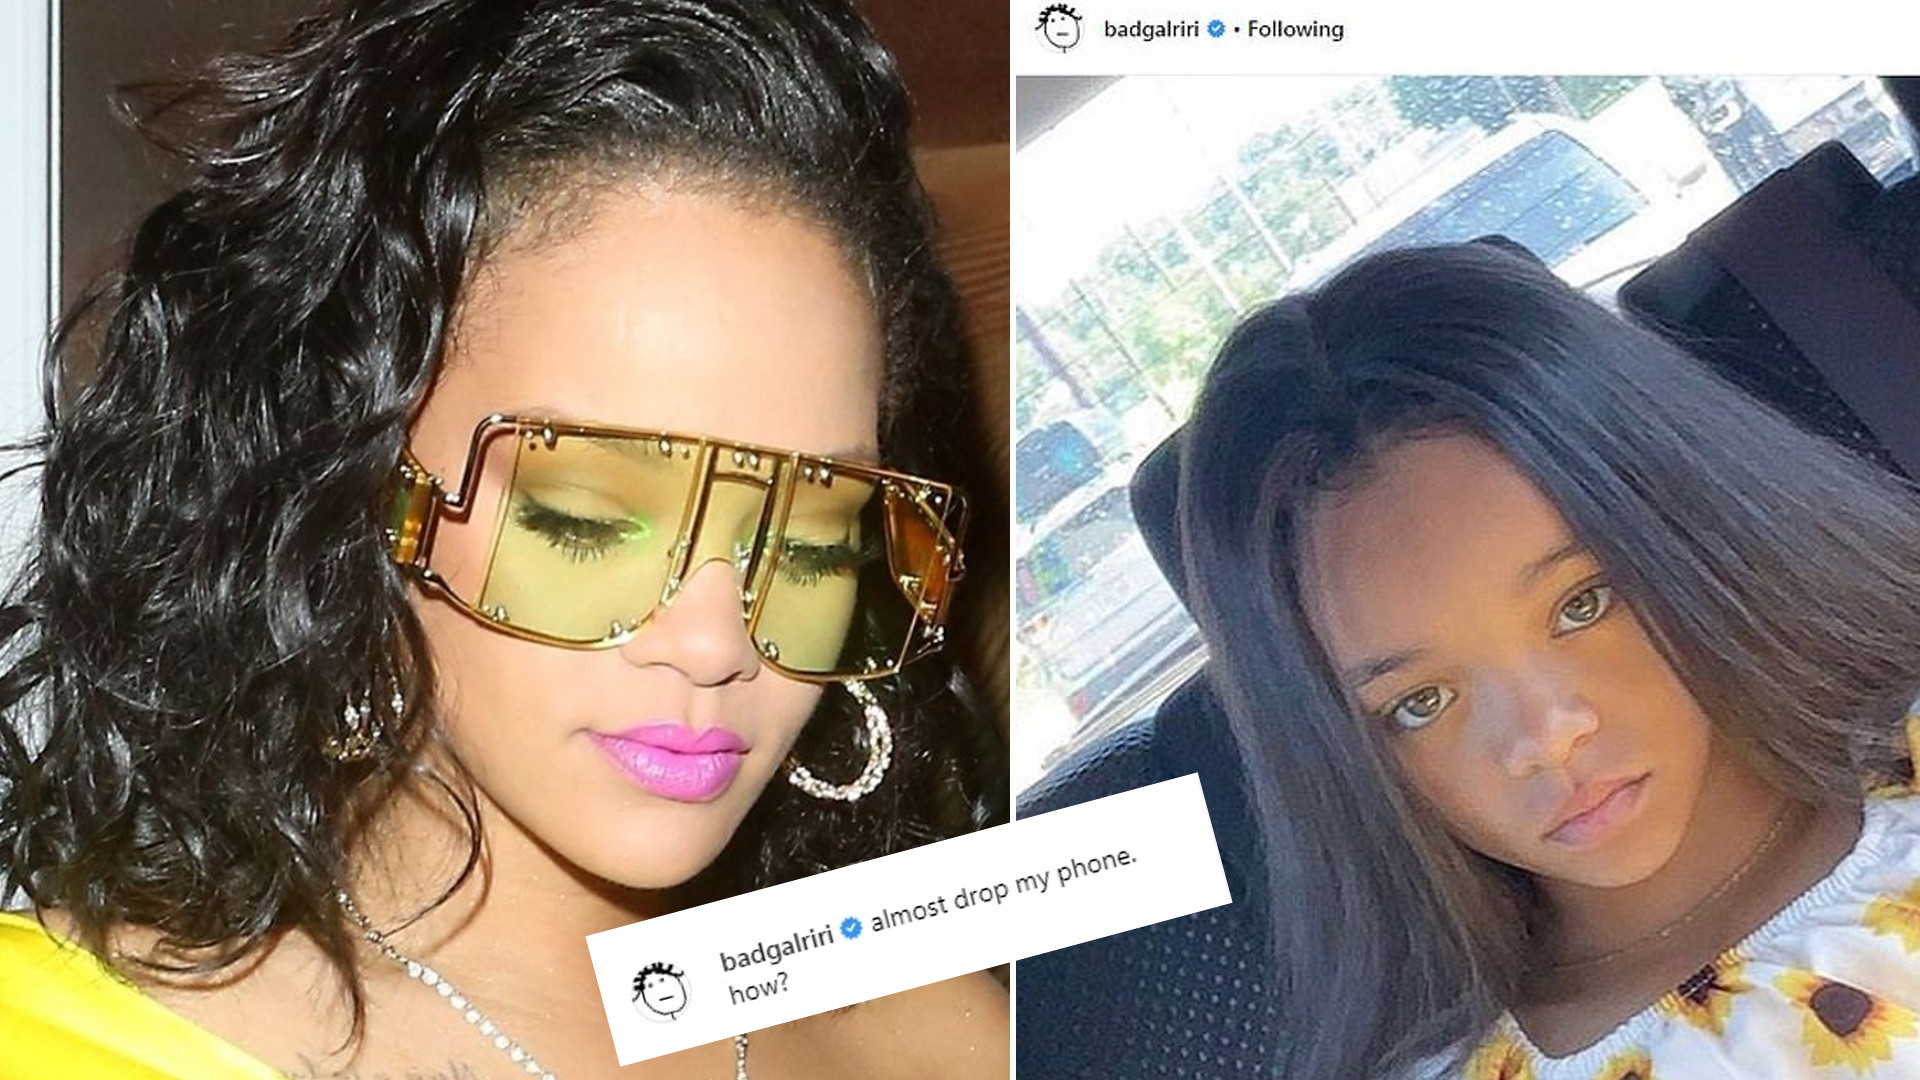 Rihanna: Prawie upuściłam telefon! Gwiazda znalazła swoją małą SOBOWTÓRKĘ